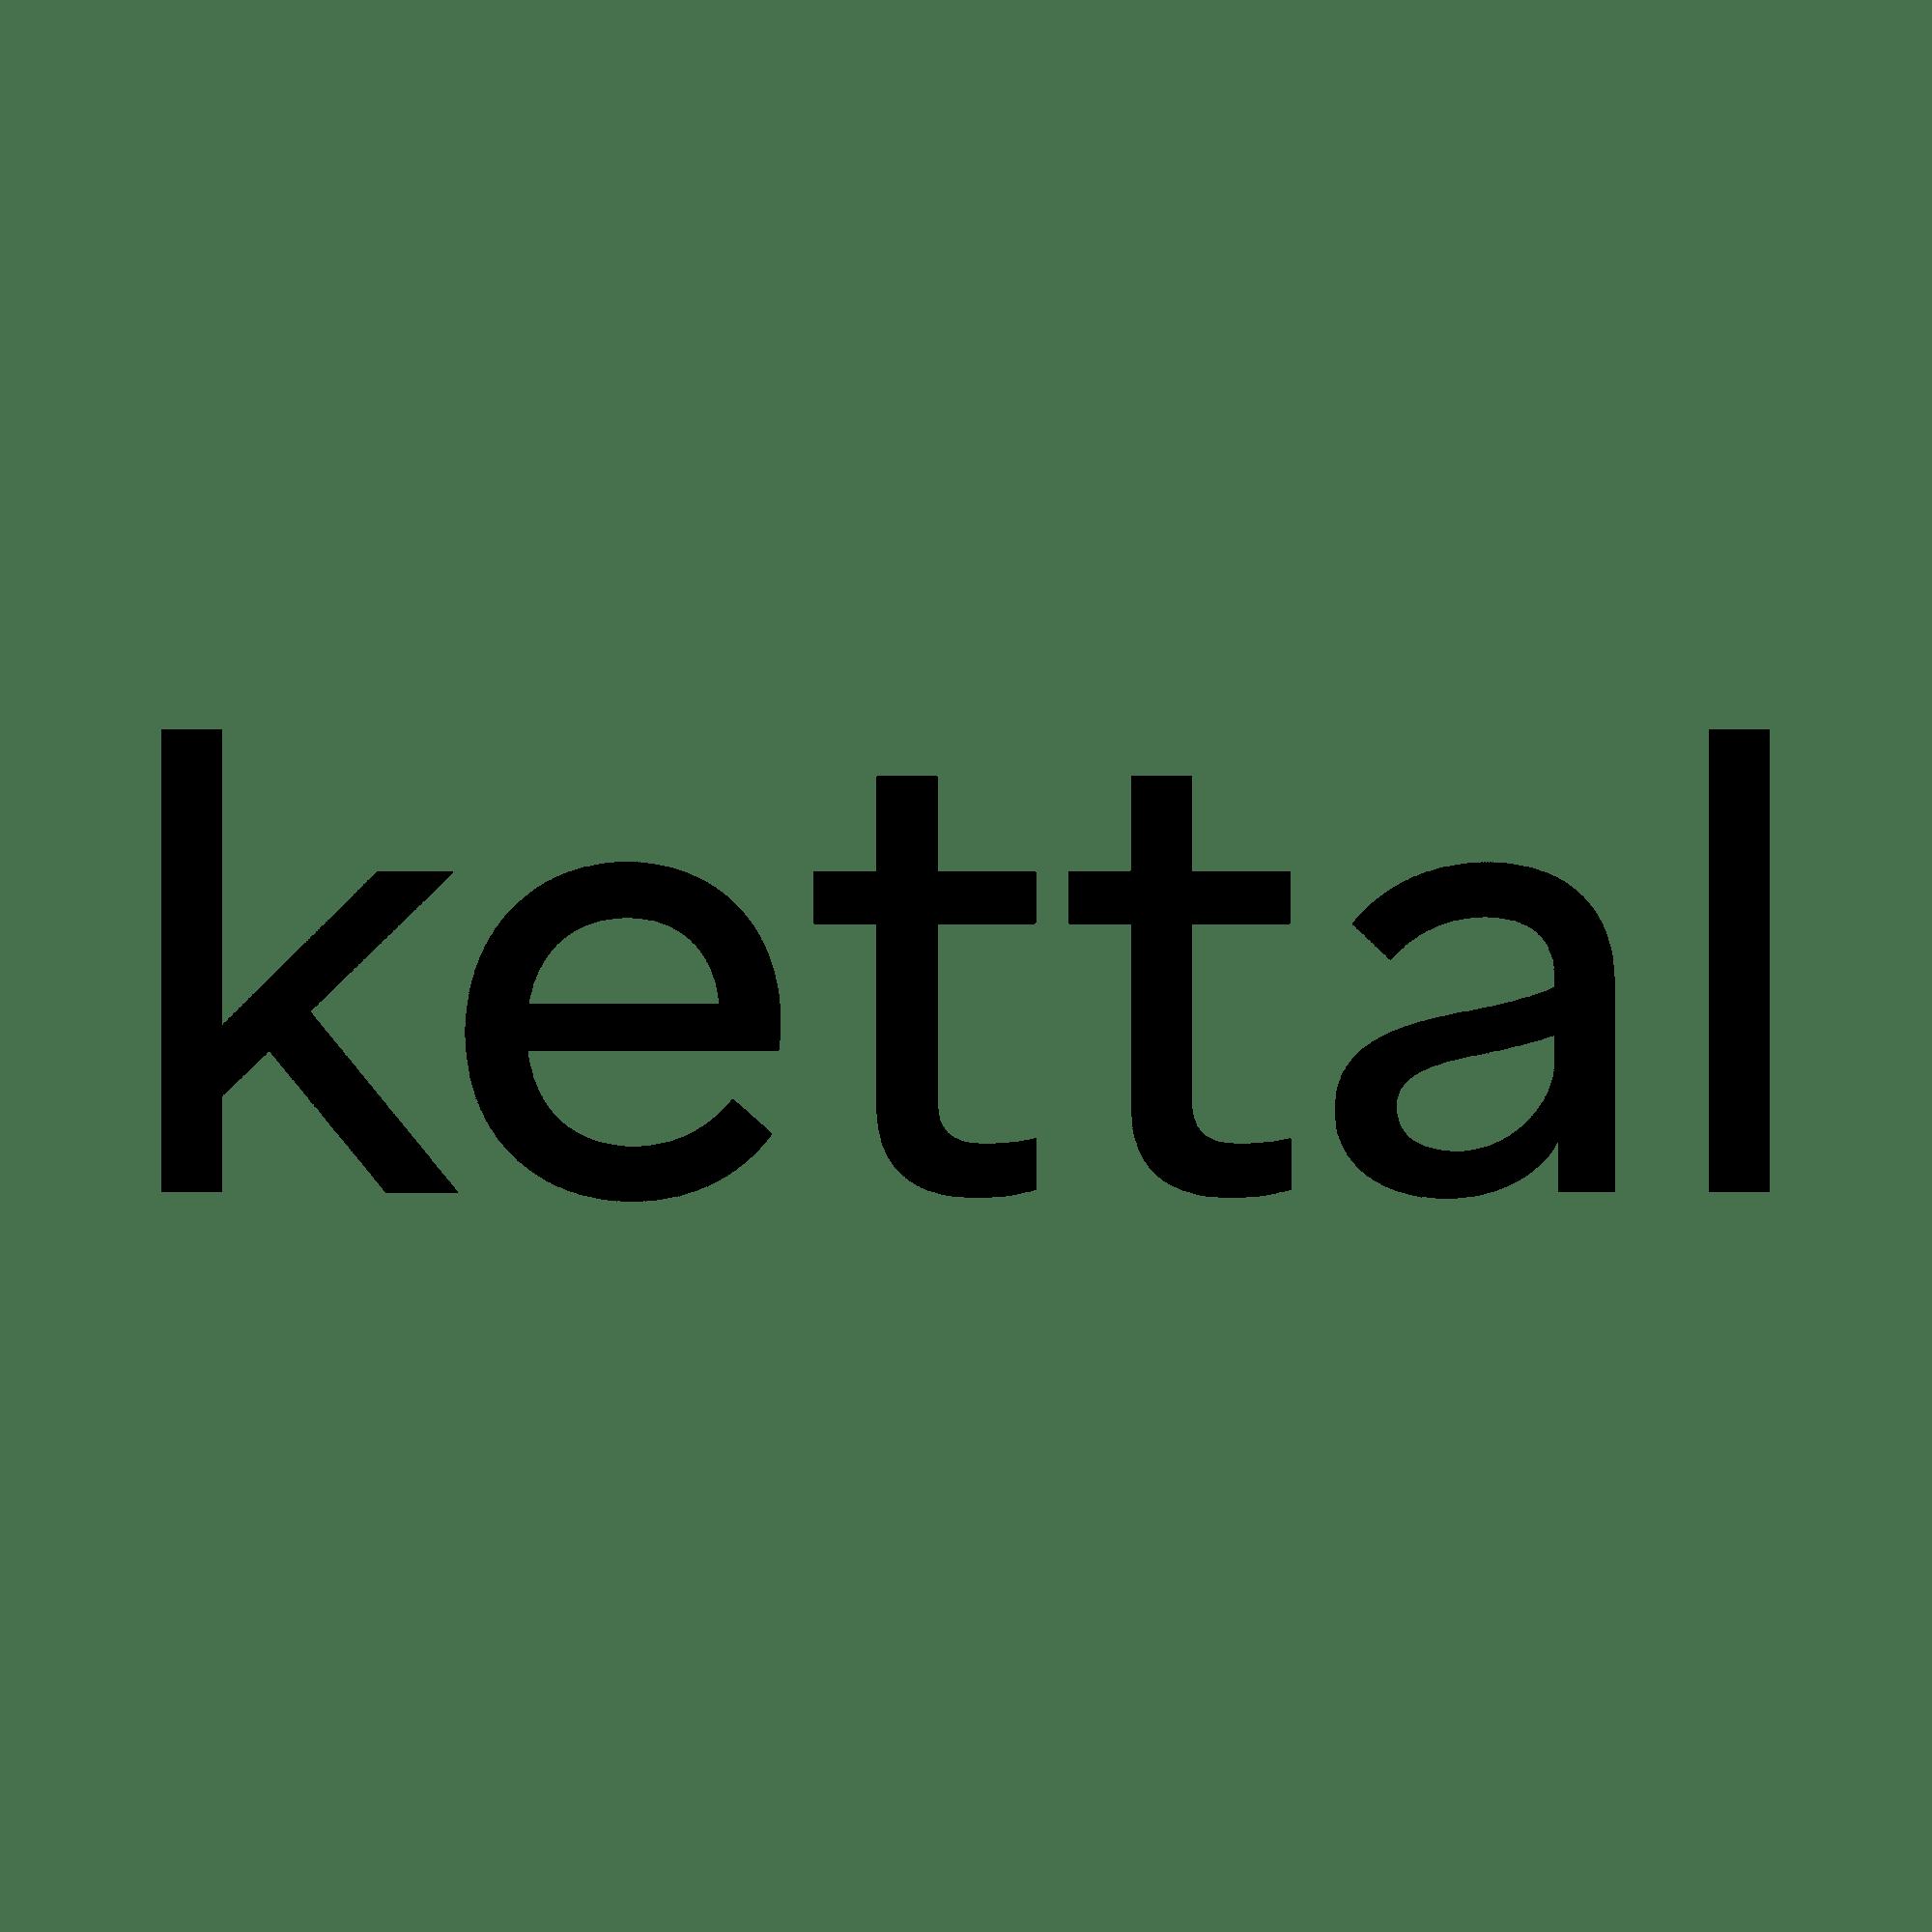 Kettal